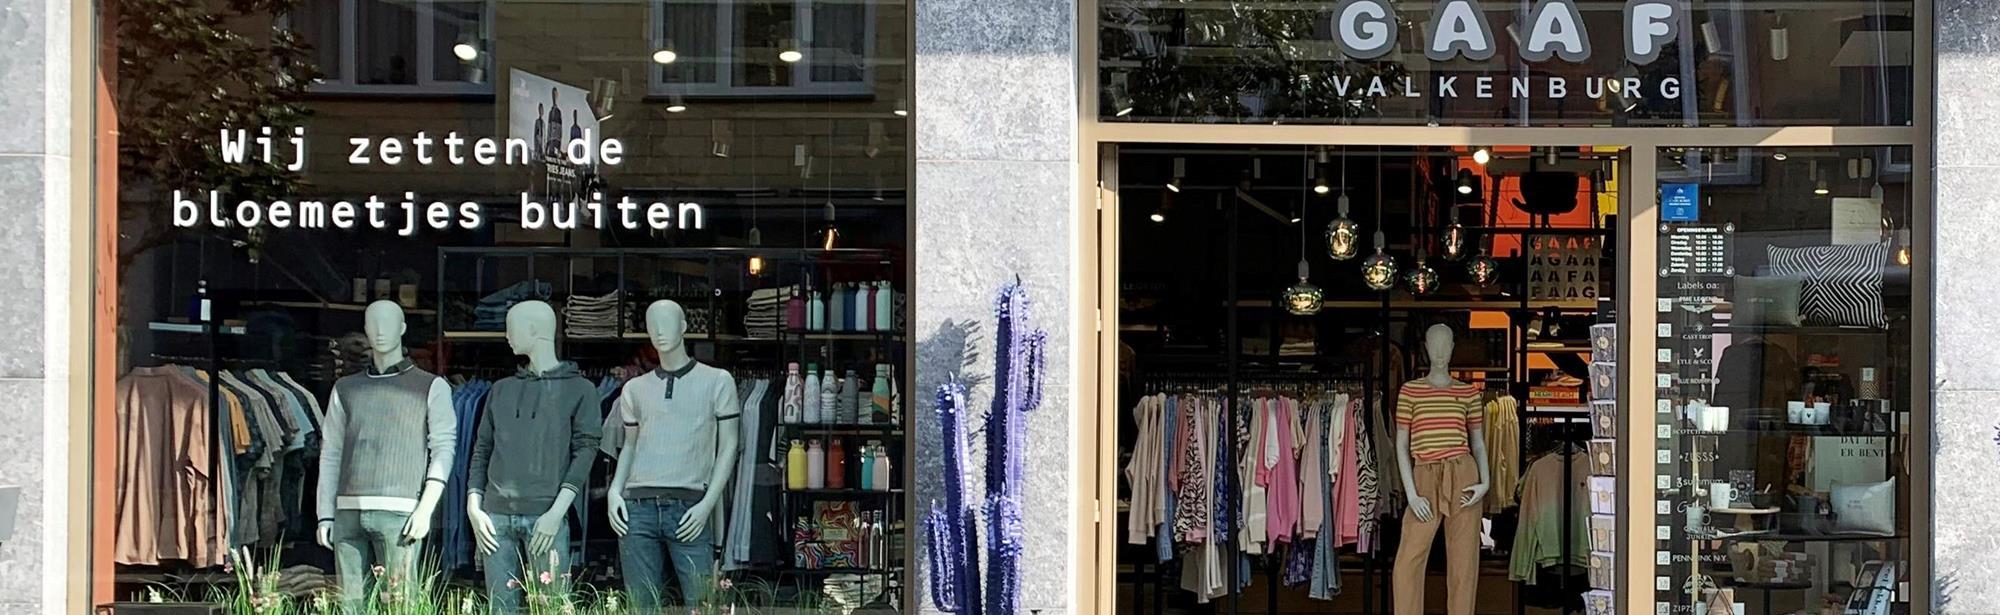 GAAF Valkenburg